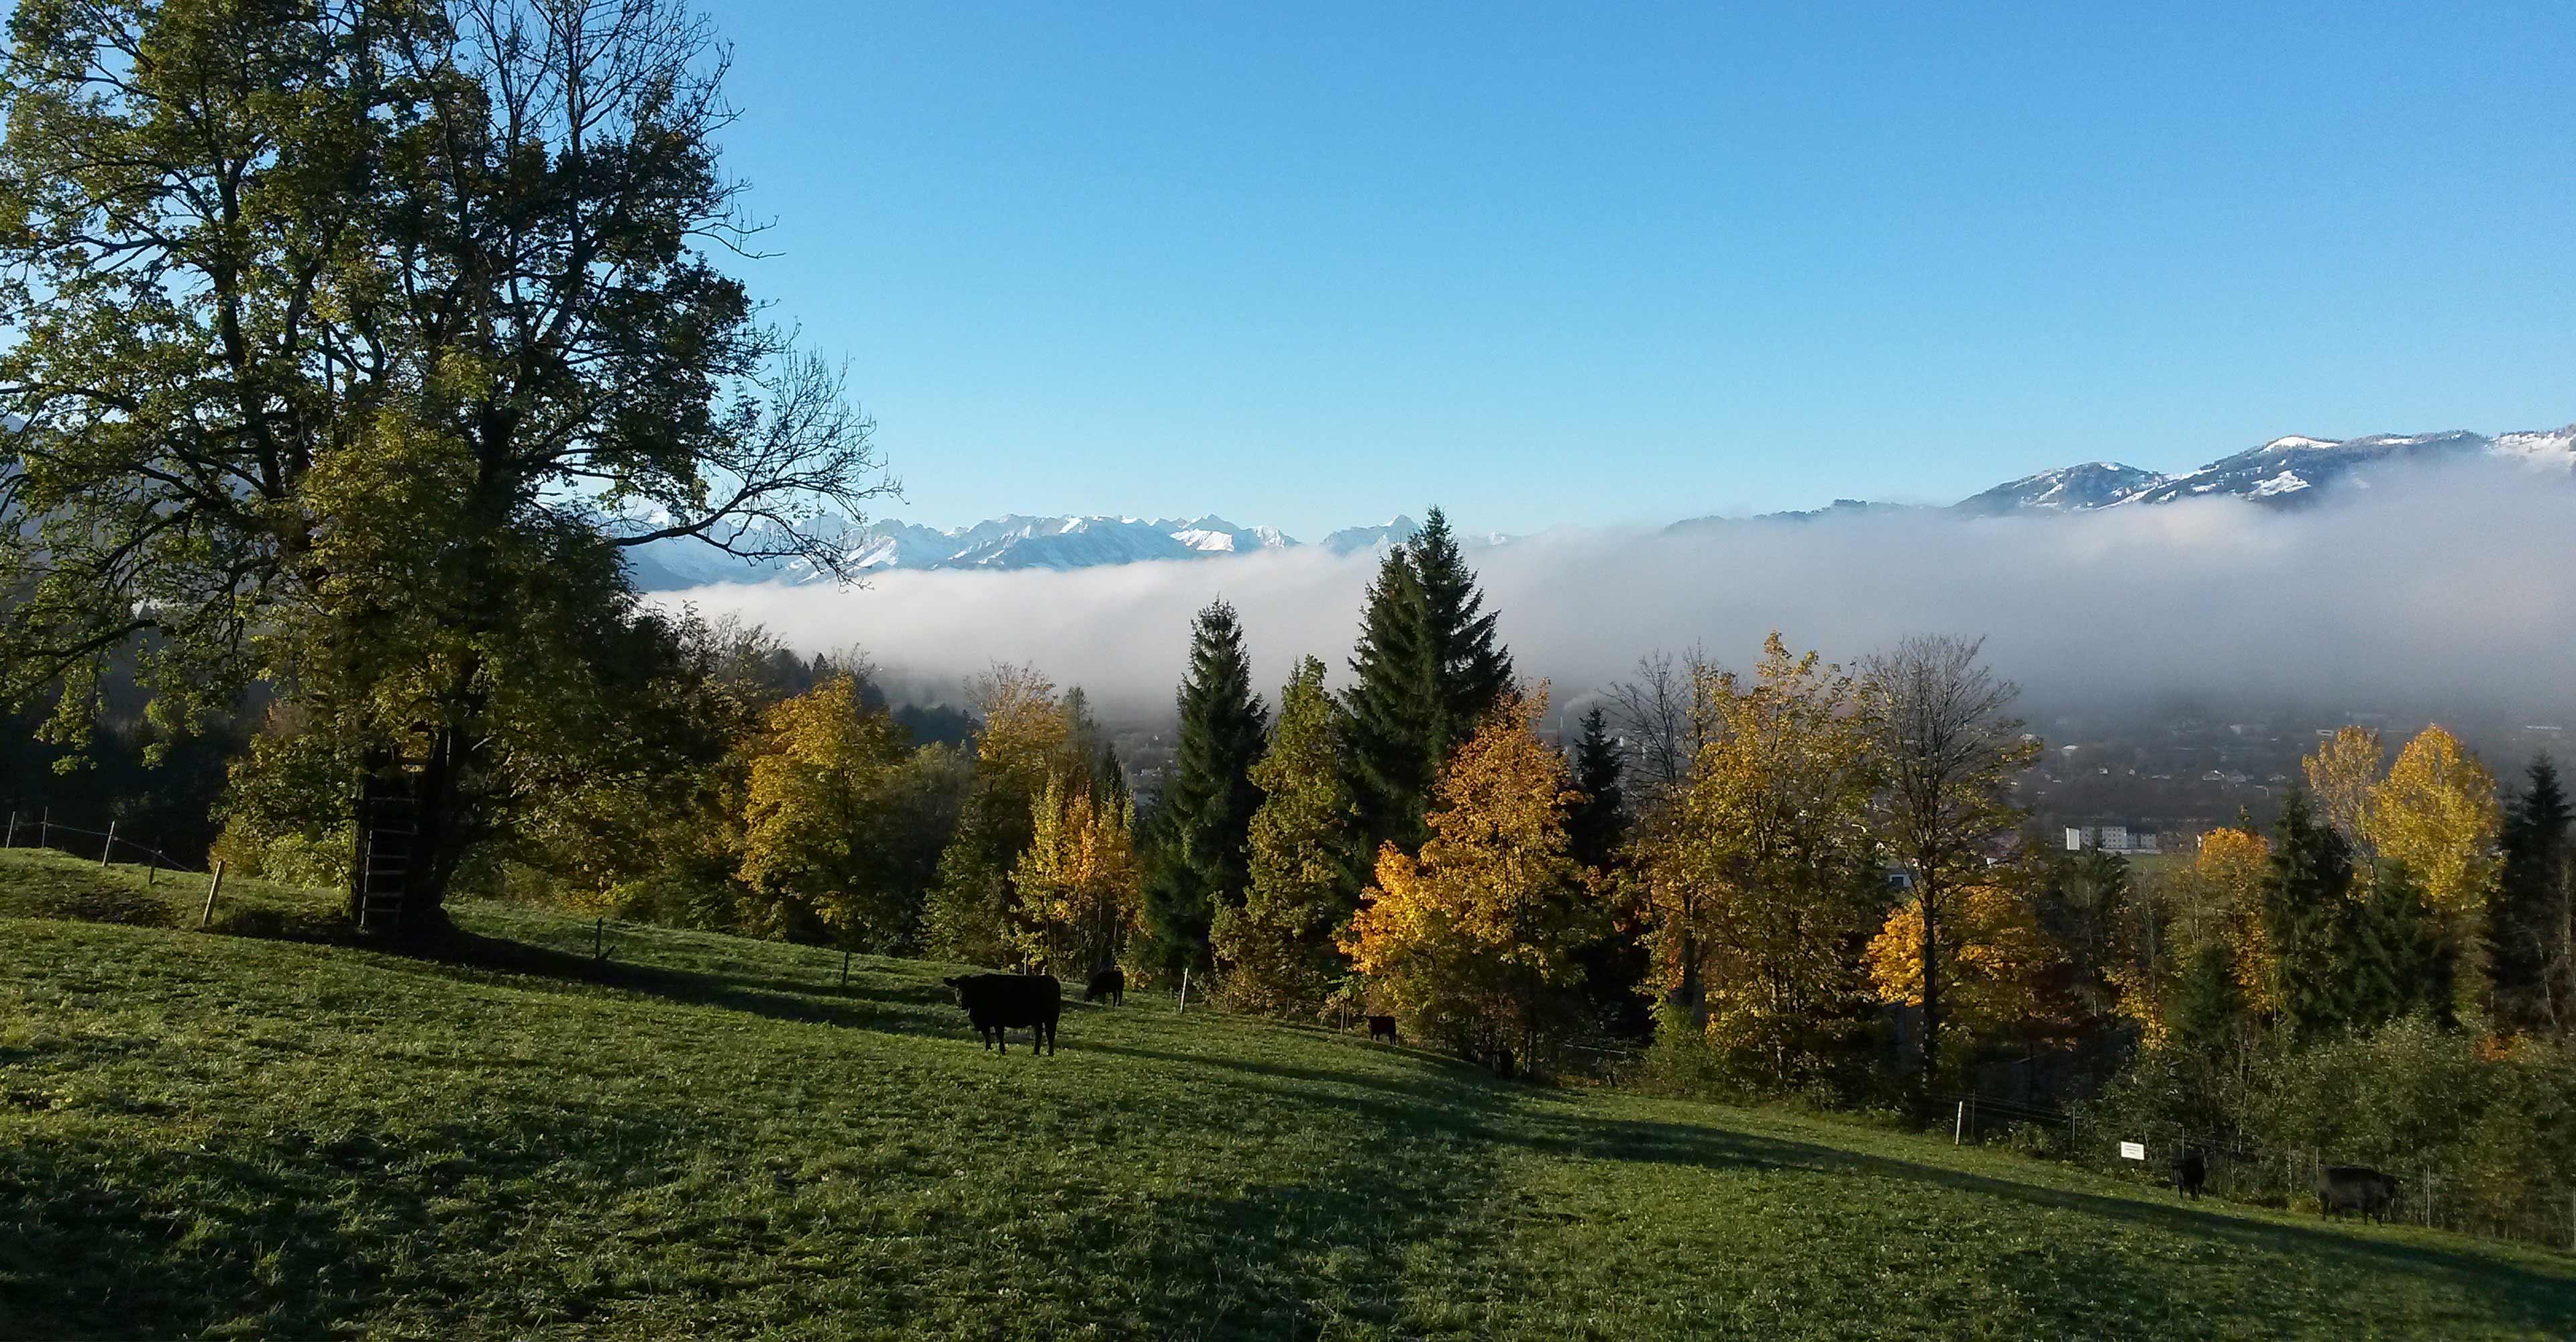 Herbstwald im Allgäu mit Nebel und Bergen